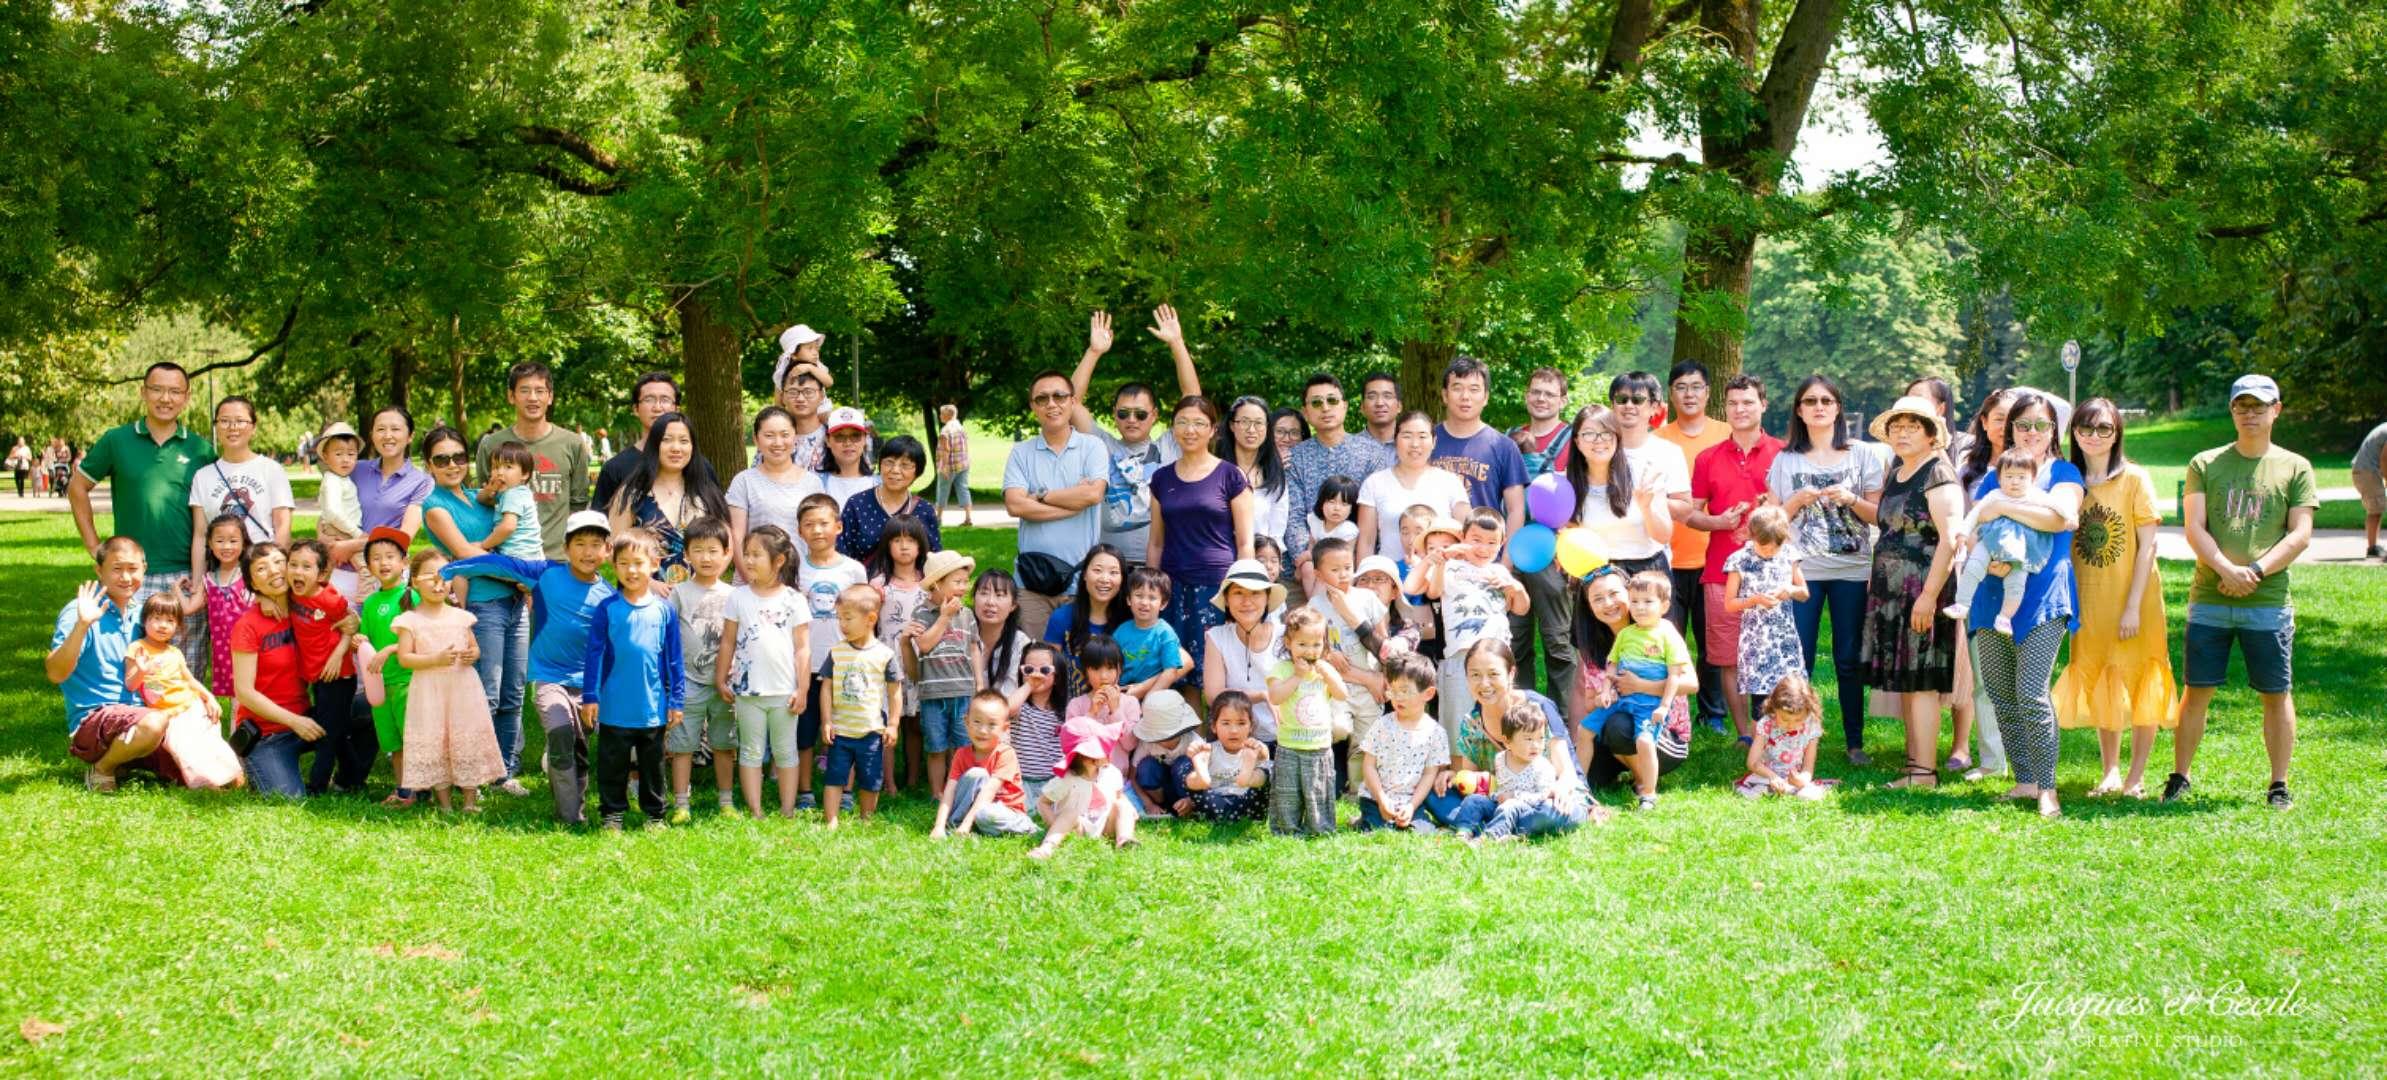 2018年夏季野餐会